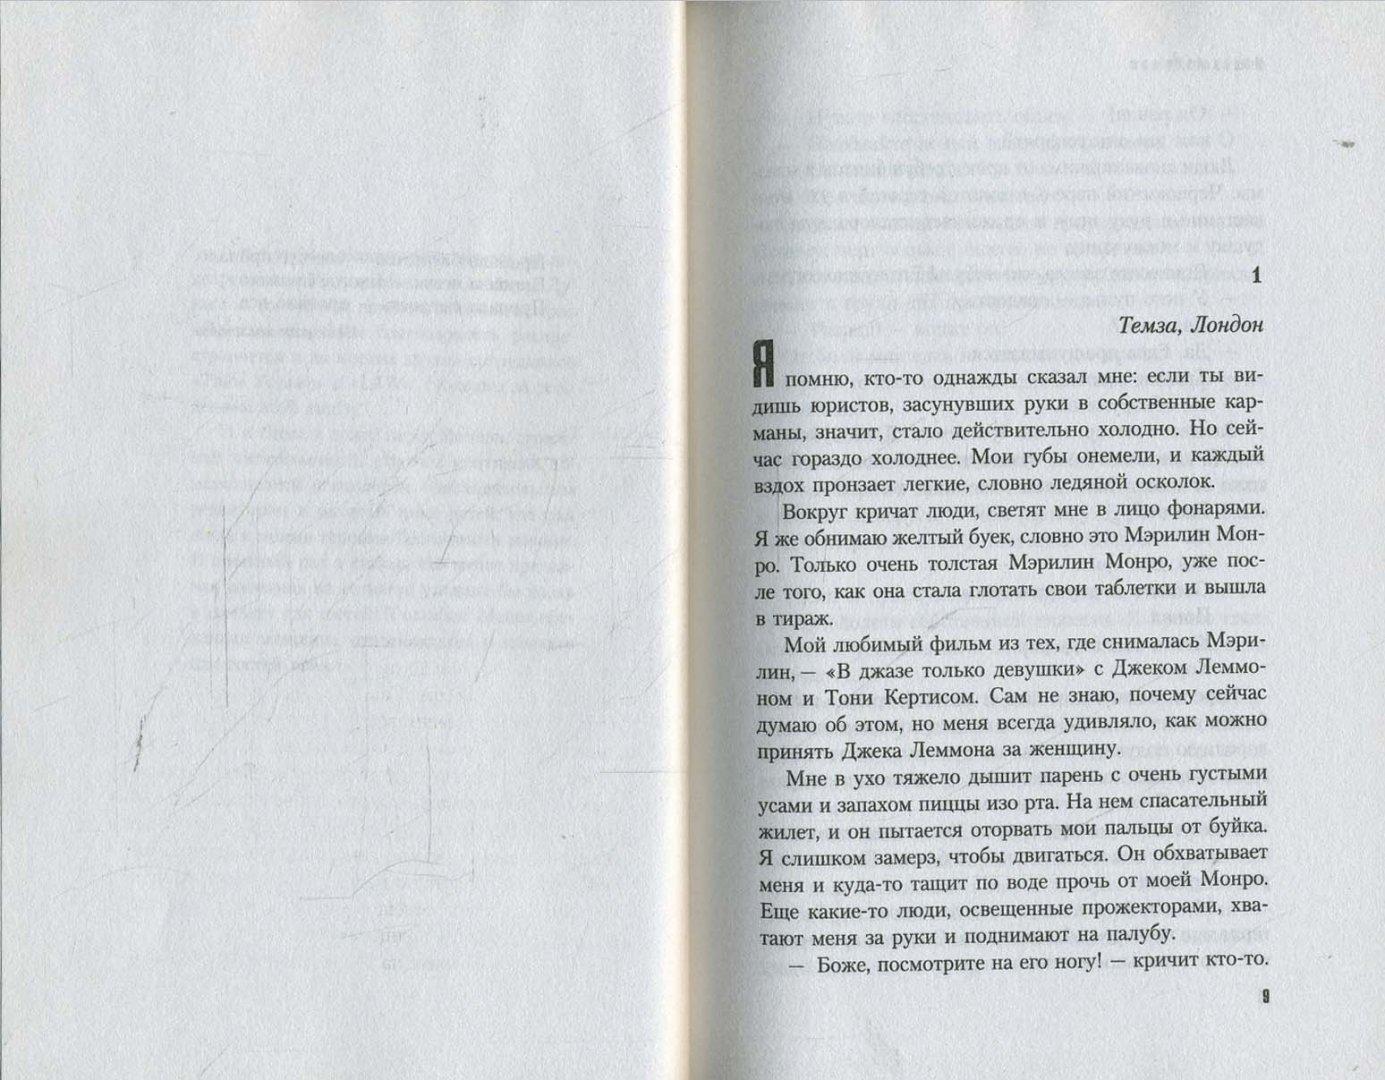 Иллюстрация 1 из 5 для Пропавшая - Майкл Роботэм | Лабиринт - книги. Источник: Лабиринт